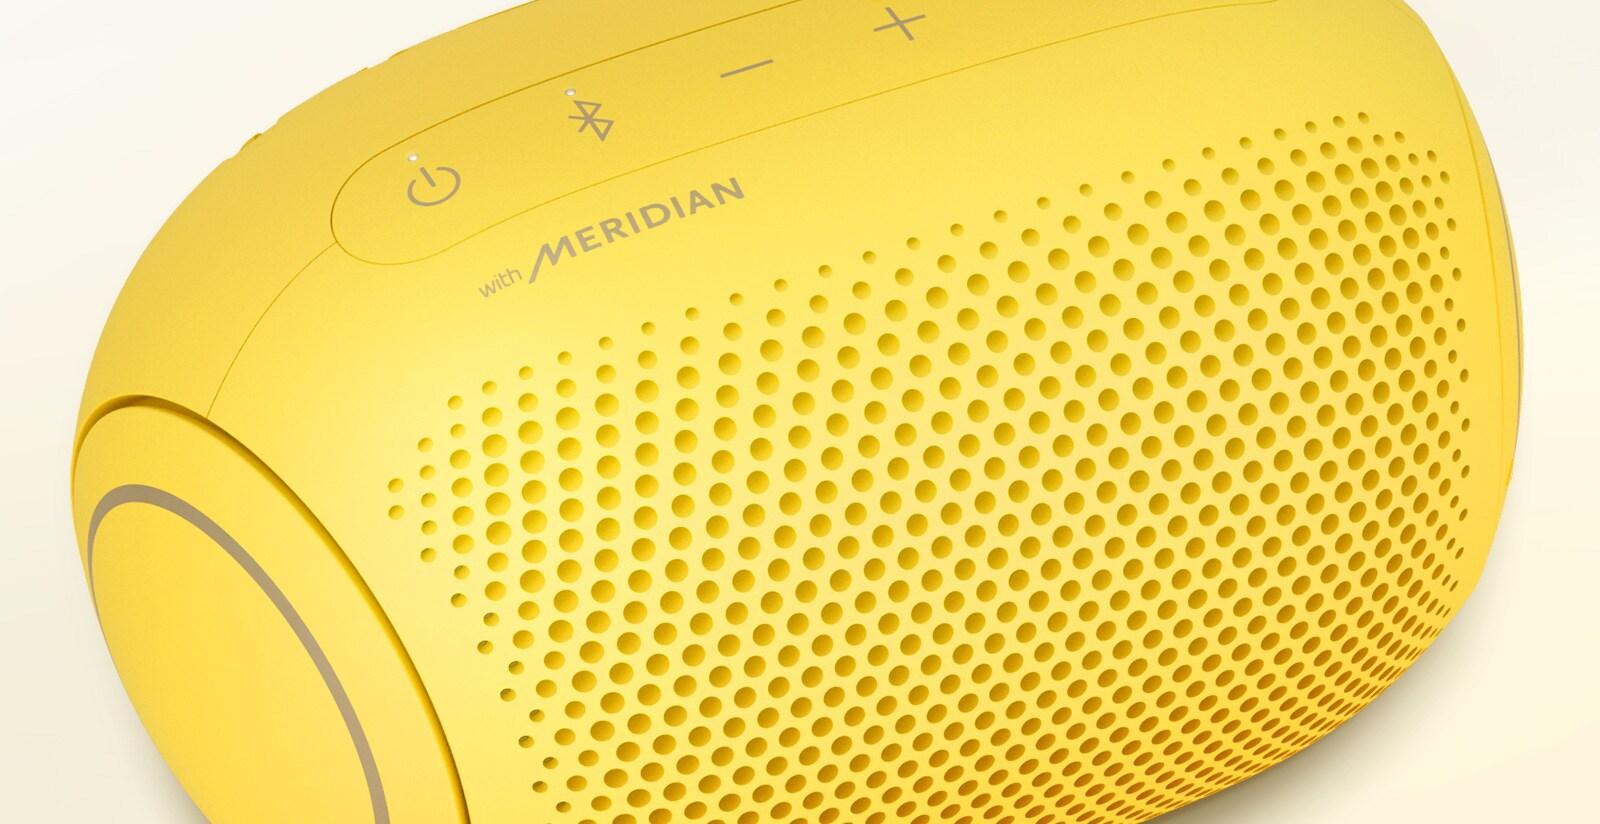 Ảnh chụp cận cảnh logo Meridian trên chiếc loa LG XBOOM Go PL2S